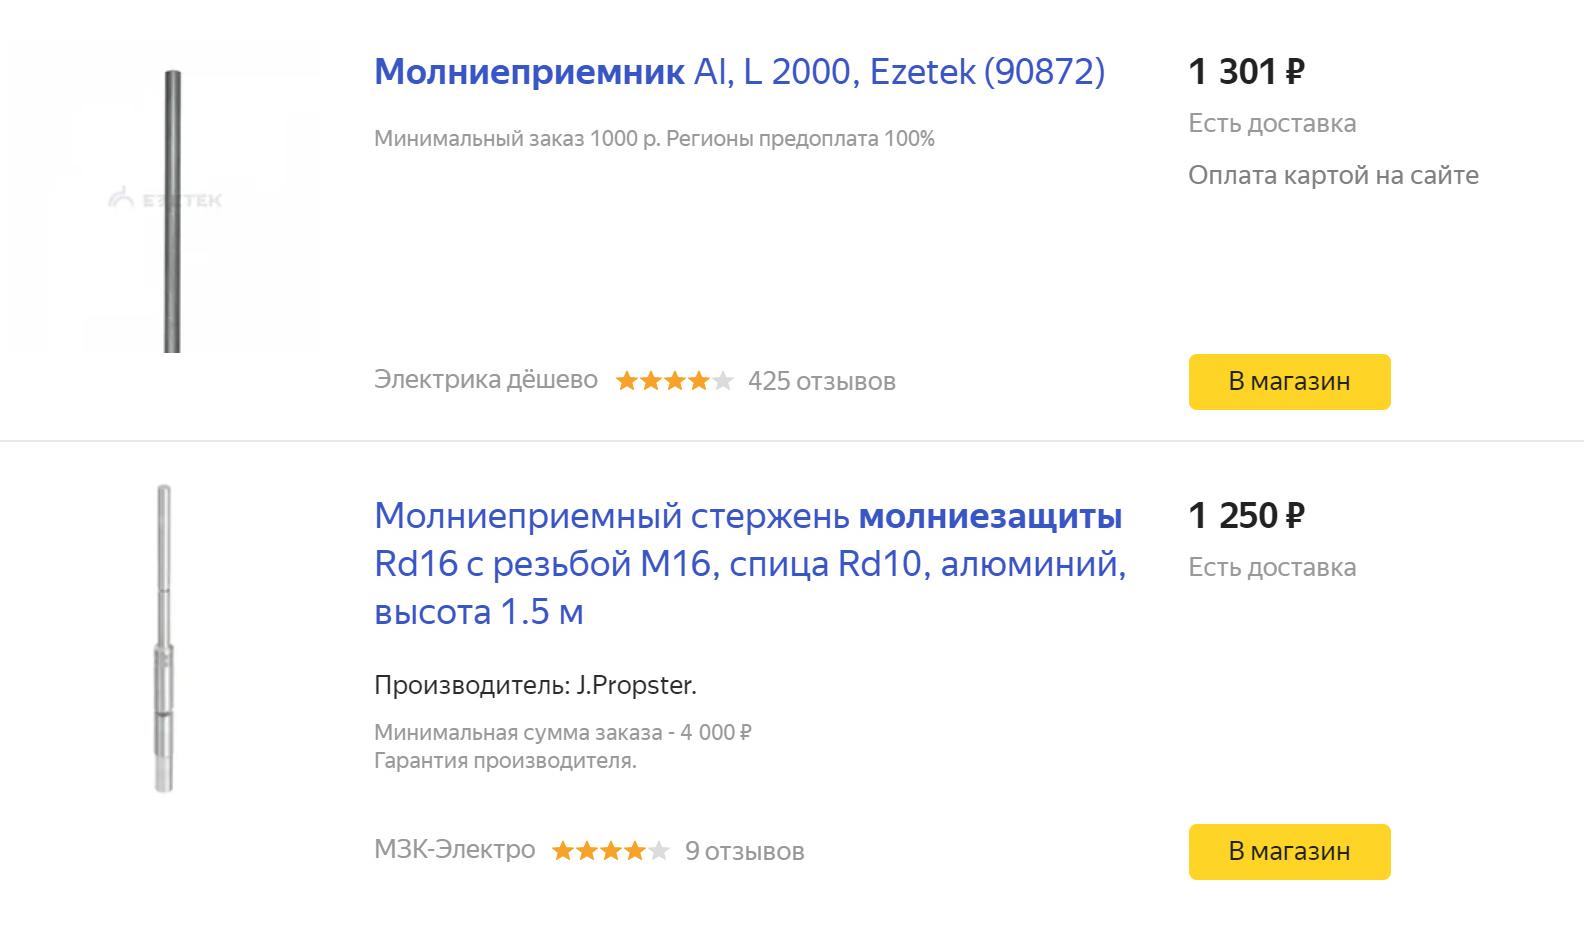 Штыревой молниеприемник — самое дешевое решение длязагородных домов. Это цены на «Яндекс-маркете»